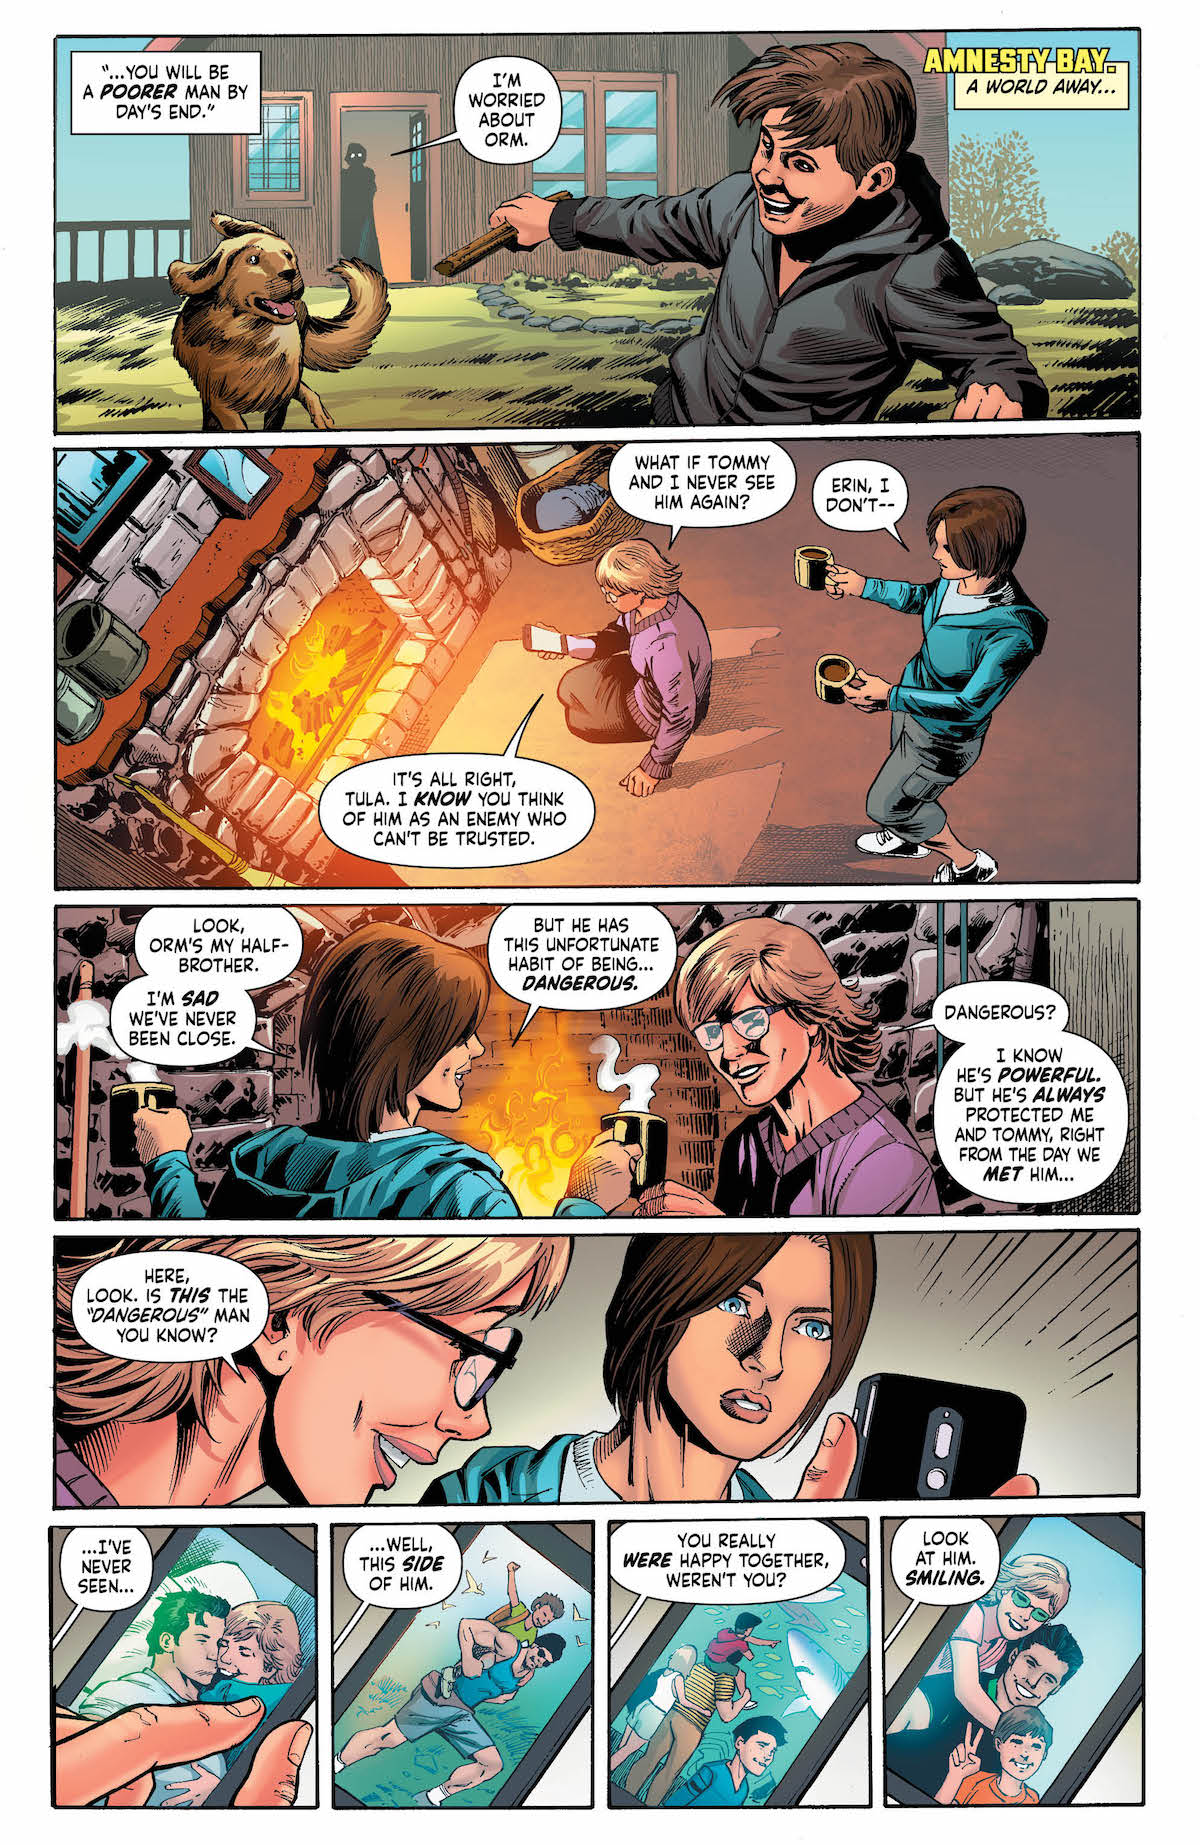 Mera Queen of Atlantis #4 page 4